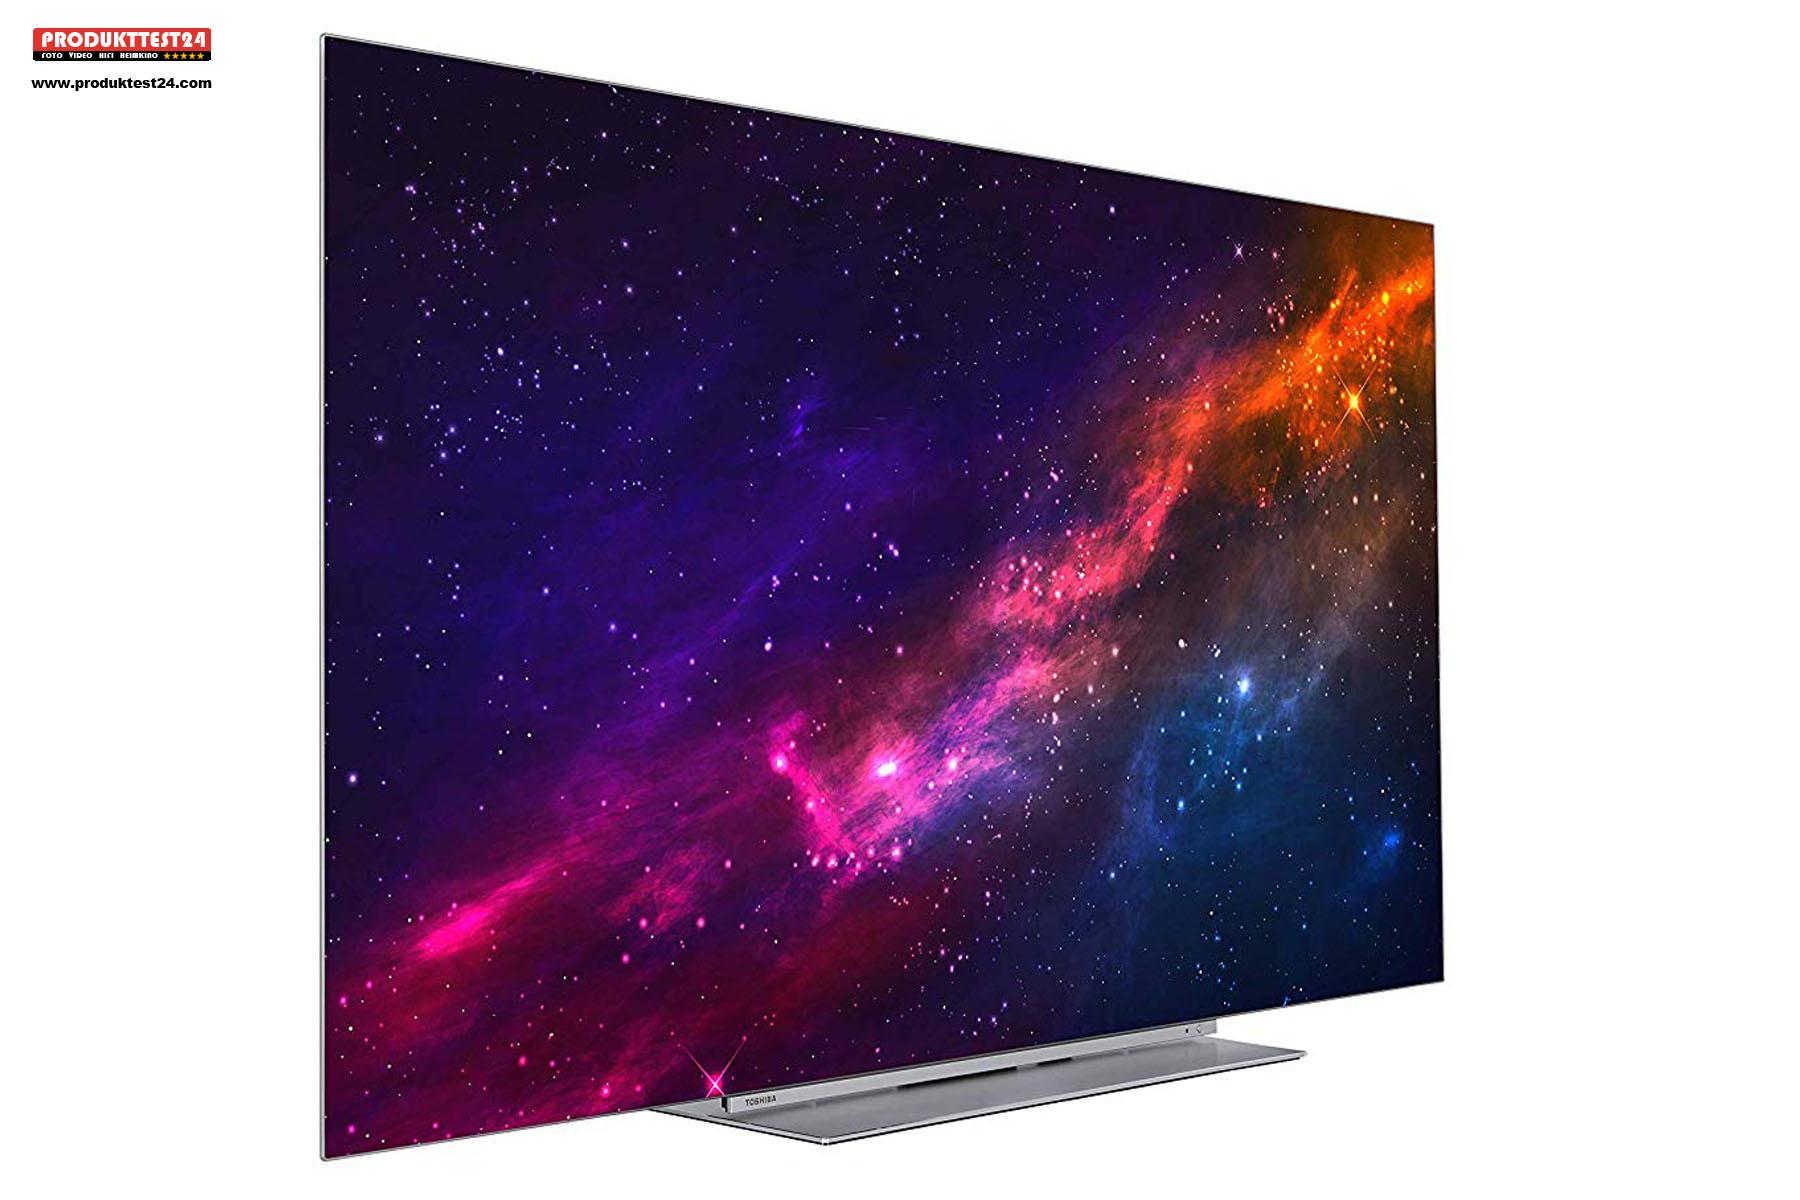 Toshiba 55 Zoll OLED TV